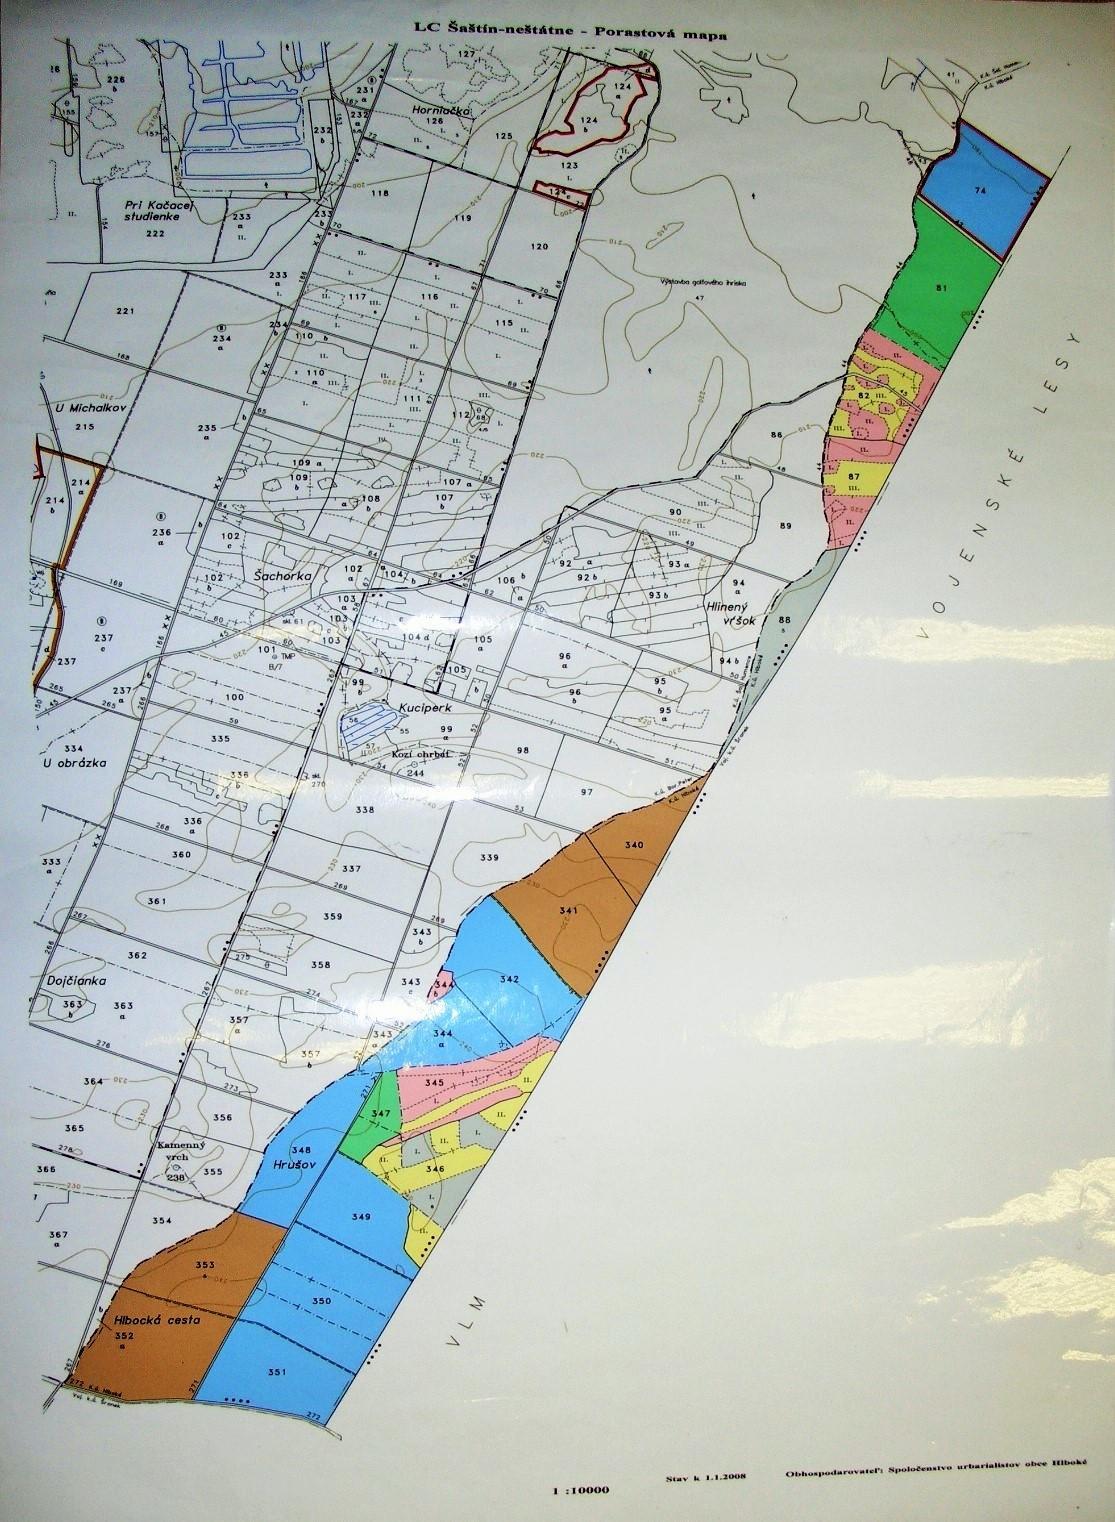 Dokumenty pozemkového spoločenstva  d88b3197943